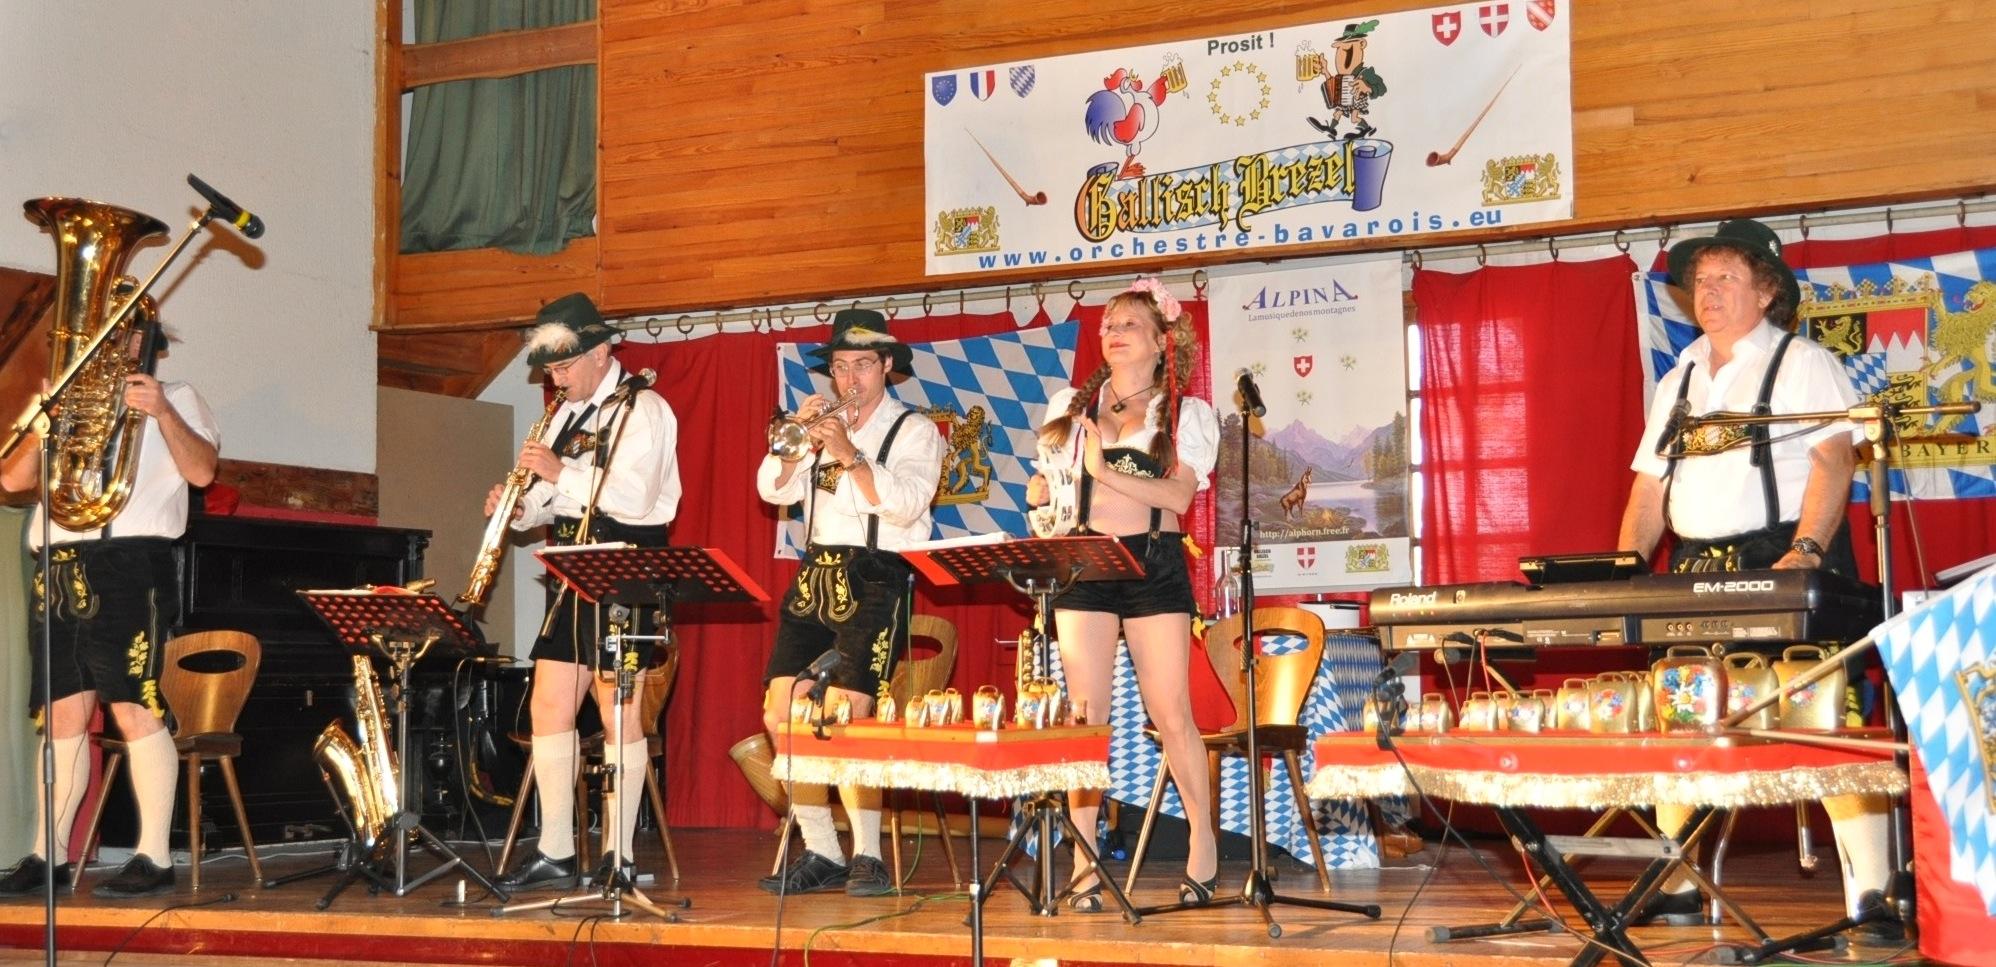 Sonorisation haut de gamme, orchestre bavarois